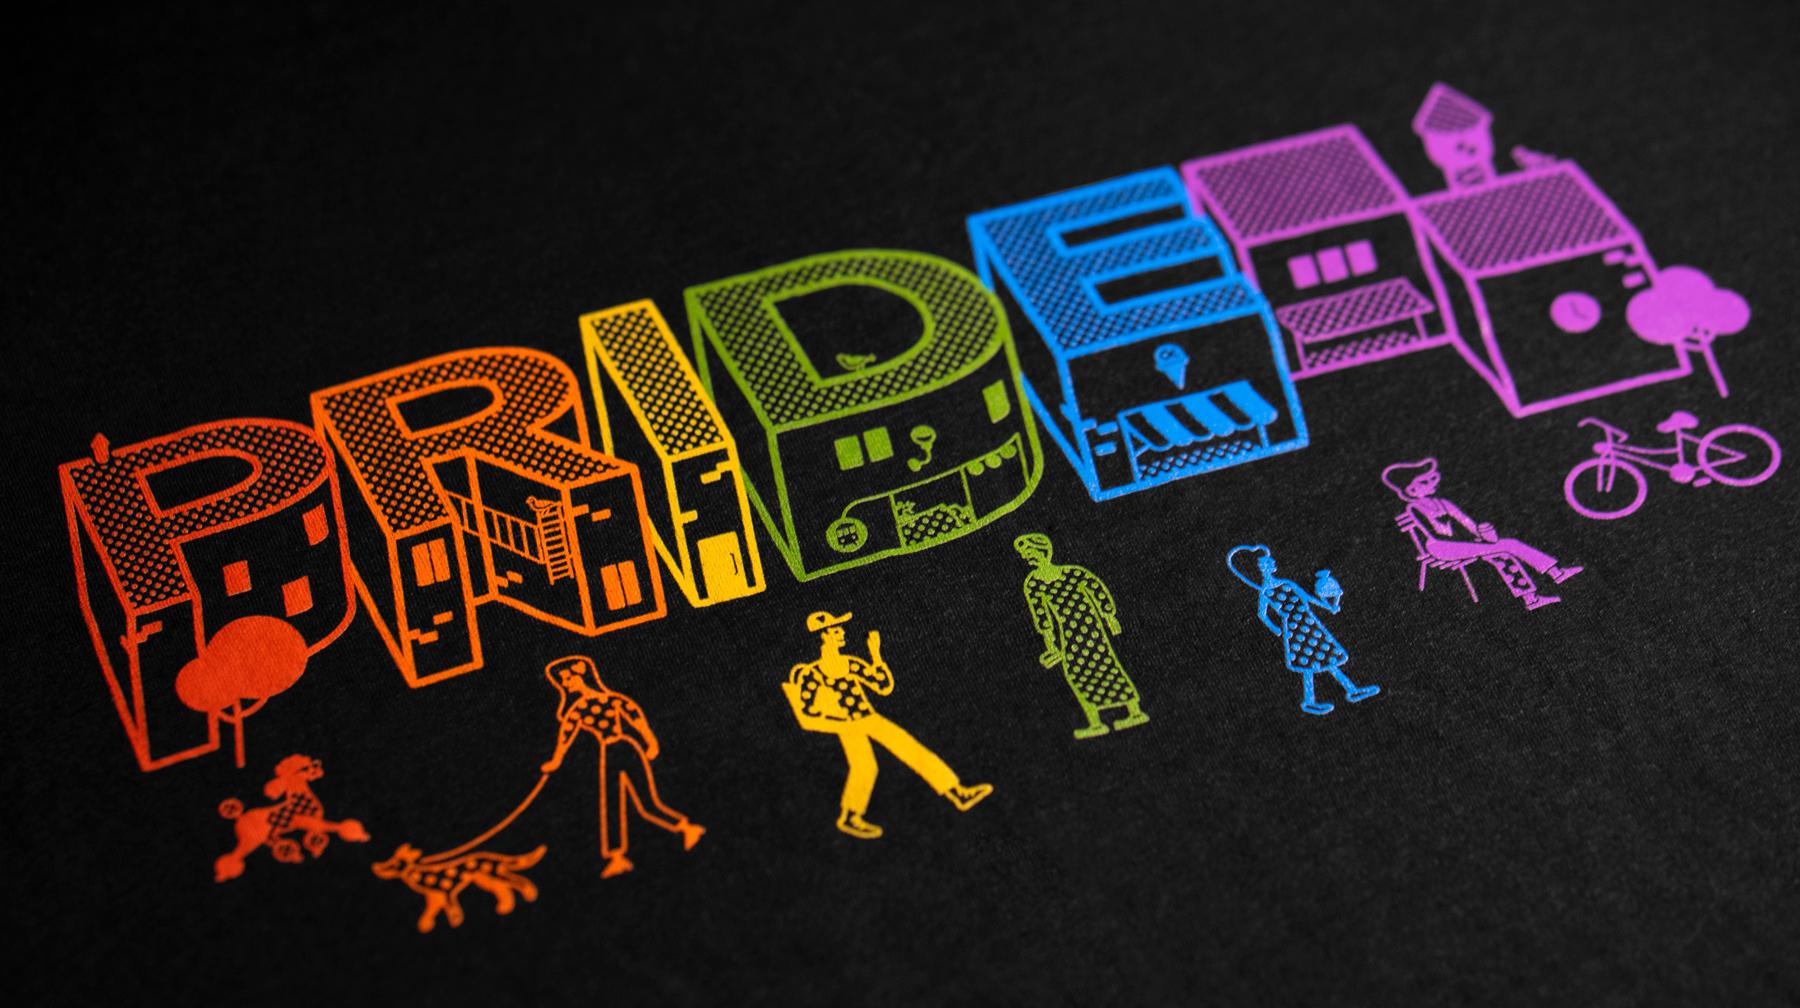 pride_tee_staged.jpg